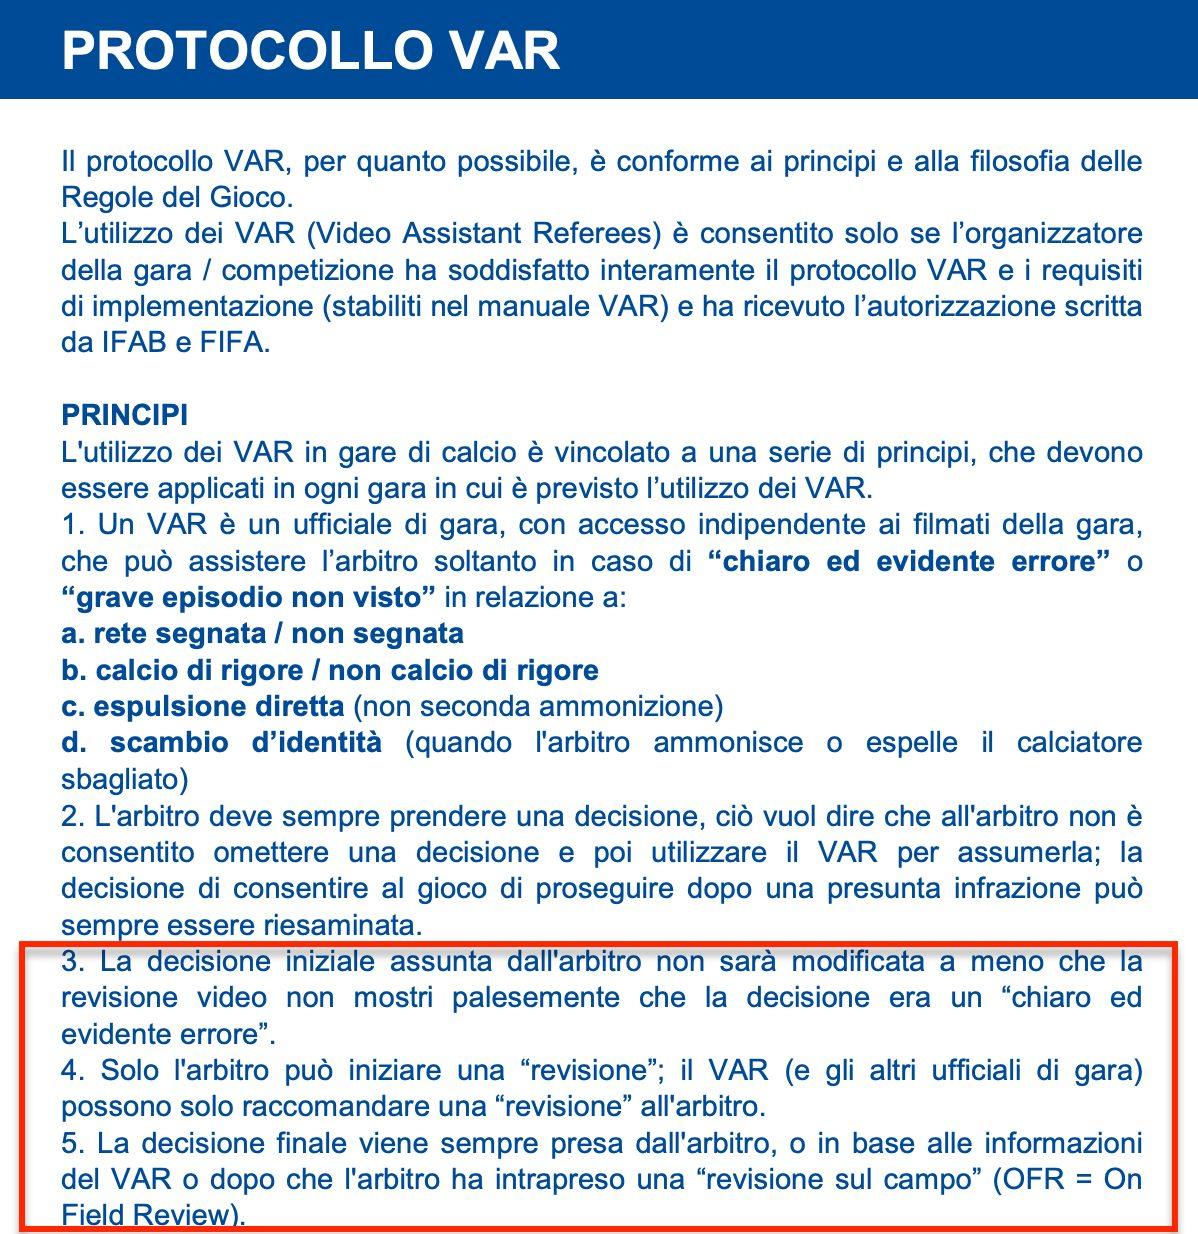 Il regolamento specifica come avviene il processo di revisione Var